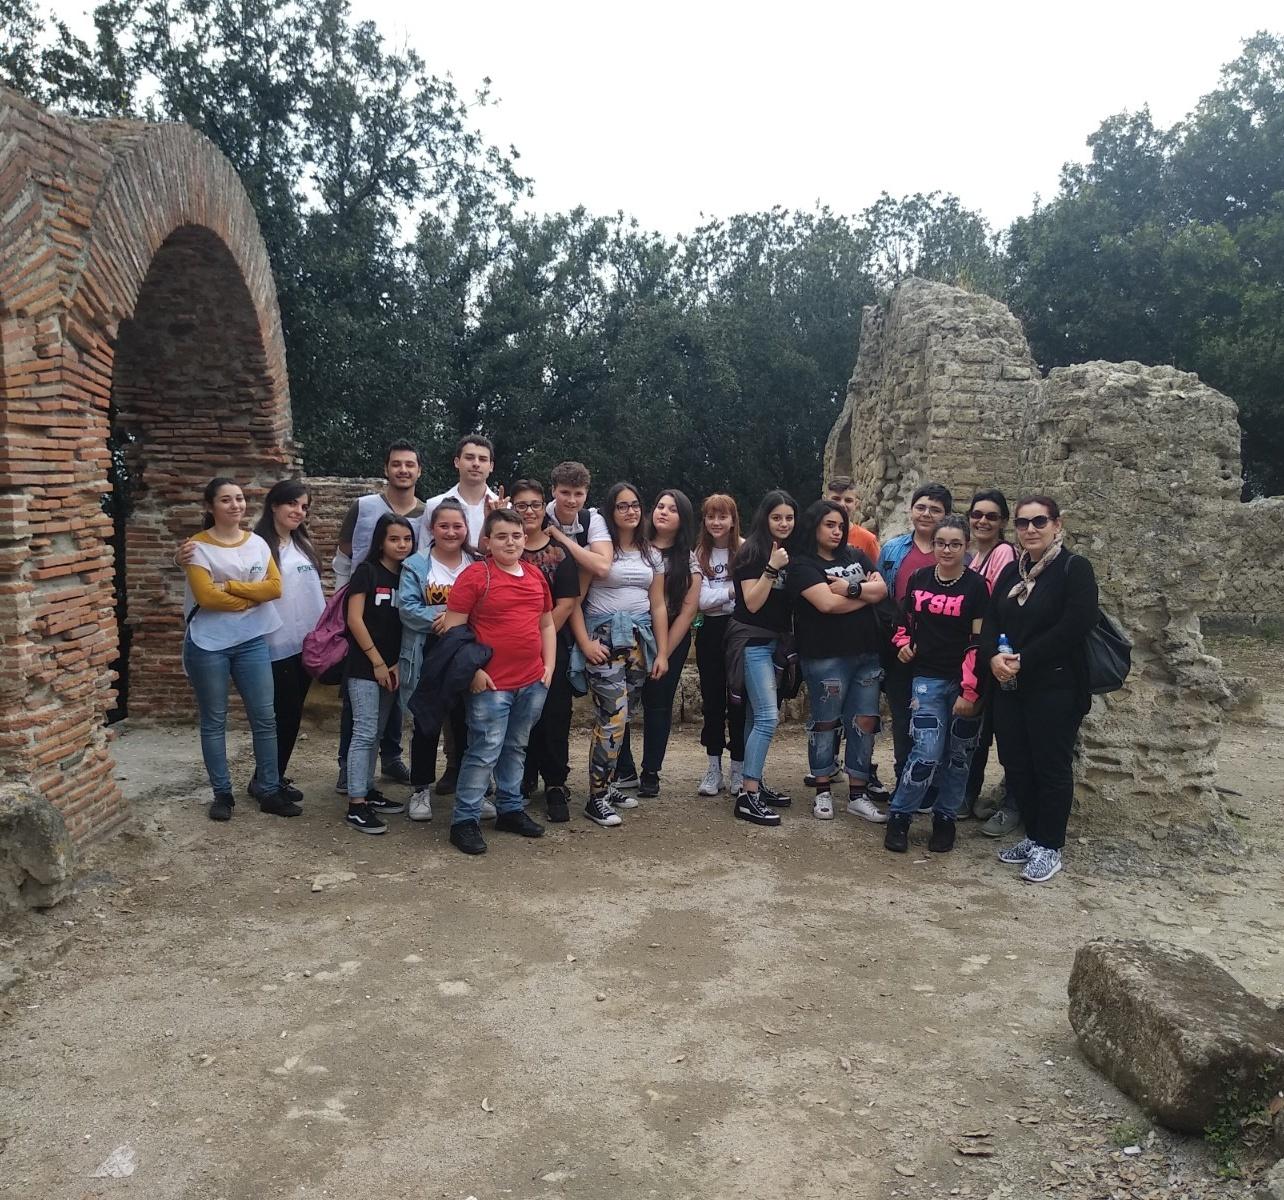 Visite al Parco di Cuma della scuola Cante di Giugliano in Campania